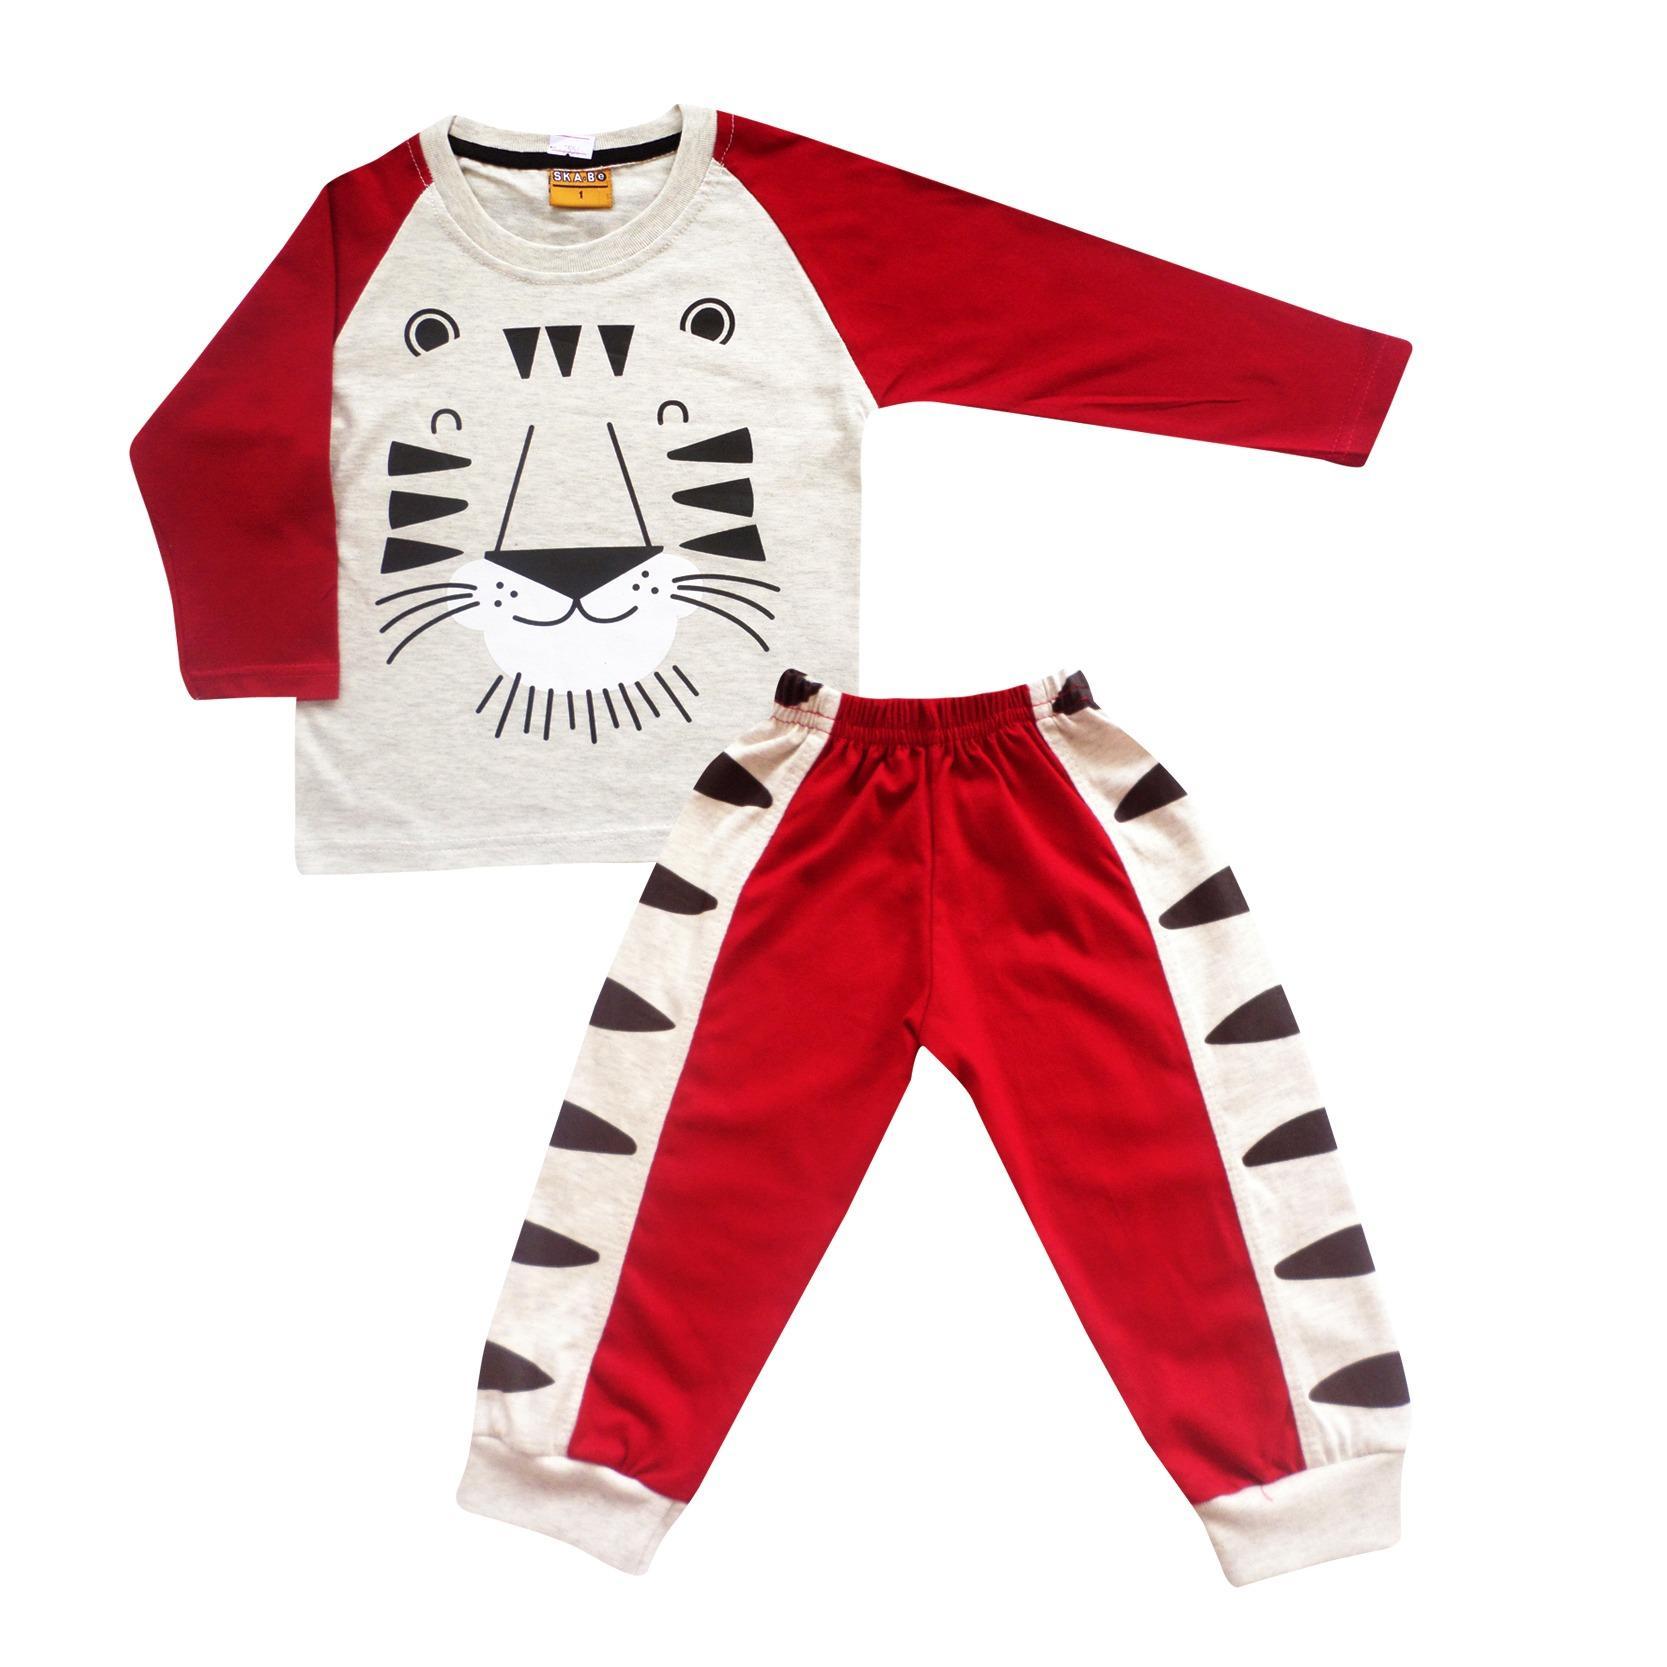 Waka Kids Baju Anak Bayi Oblong Tangan Pendek Stelan Kaos Cln 3 Iol Skabe Tidur Laki Celana 4 2554